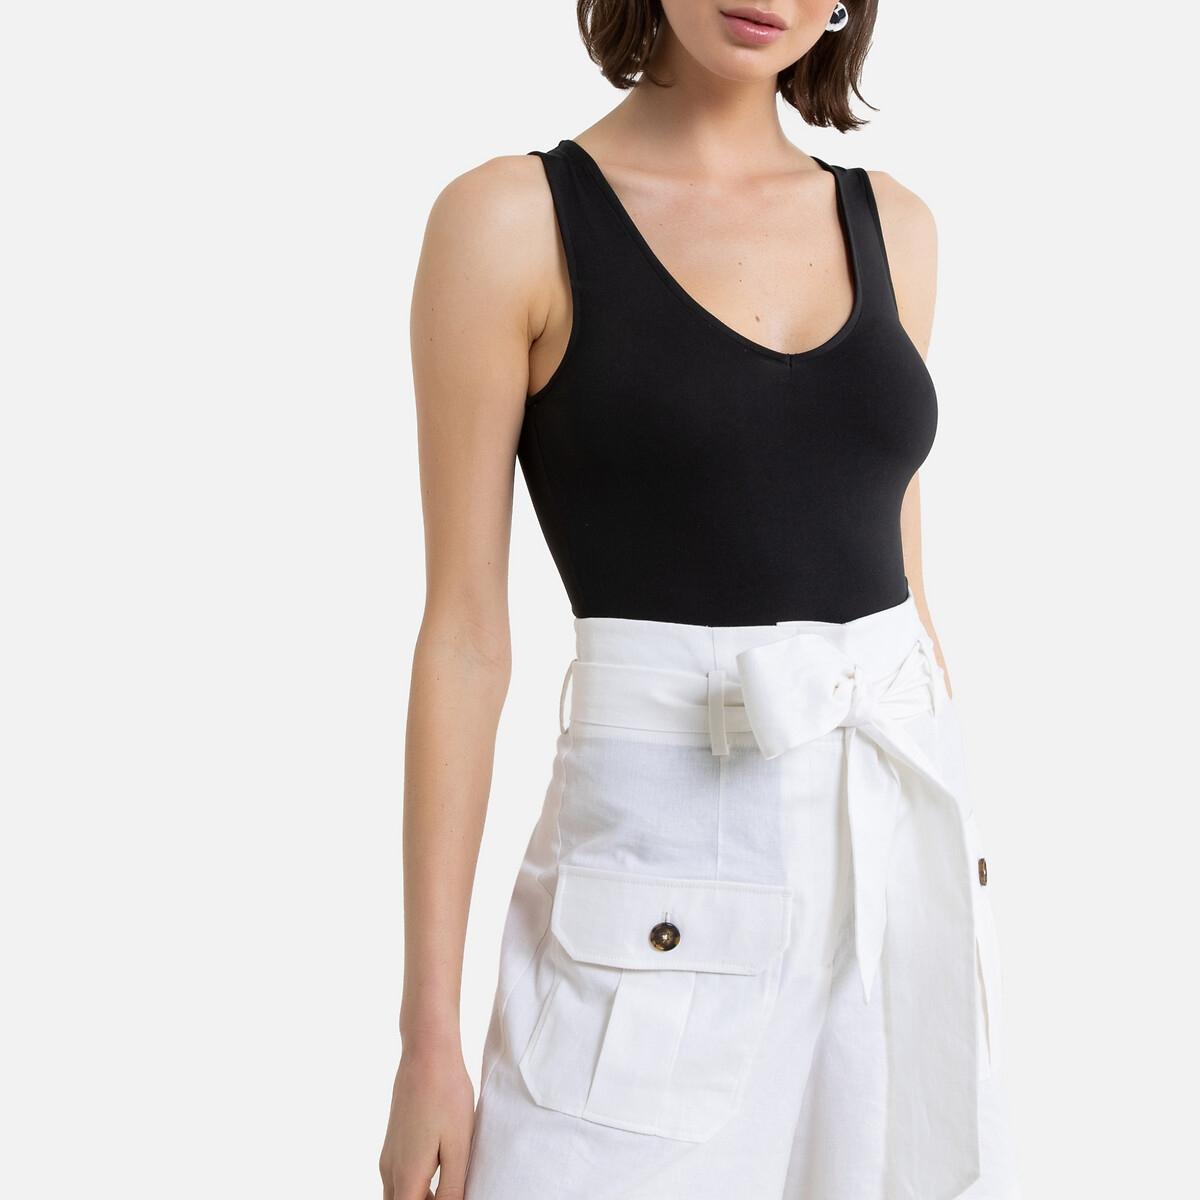 Camiseta sin mangas con cuello de pico